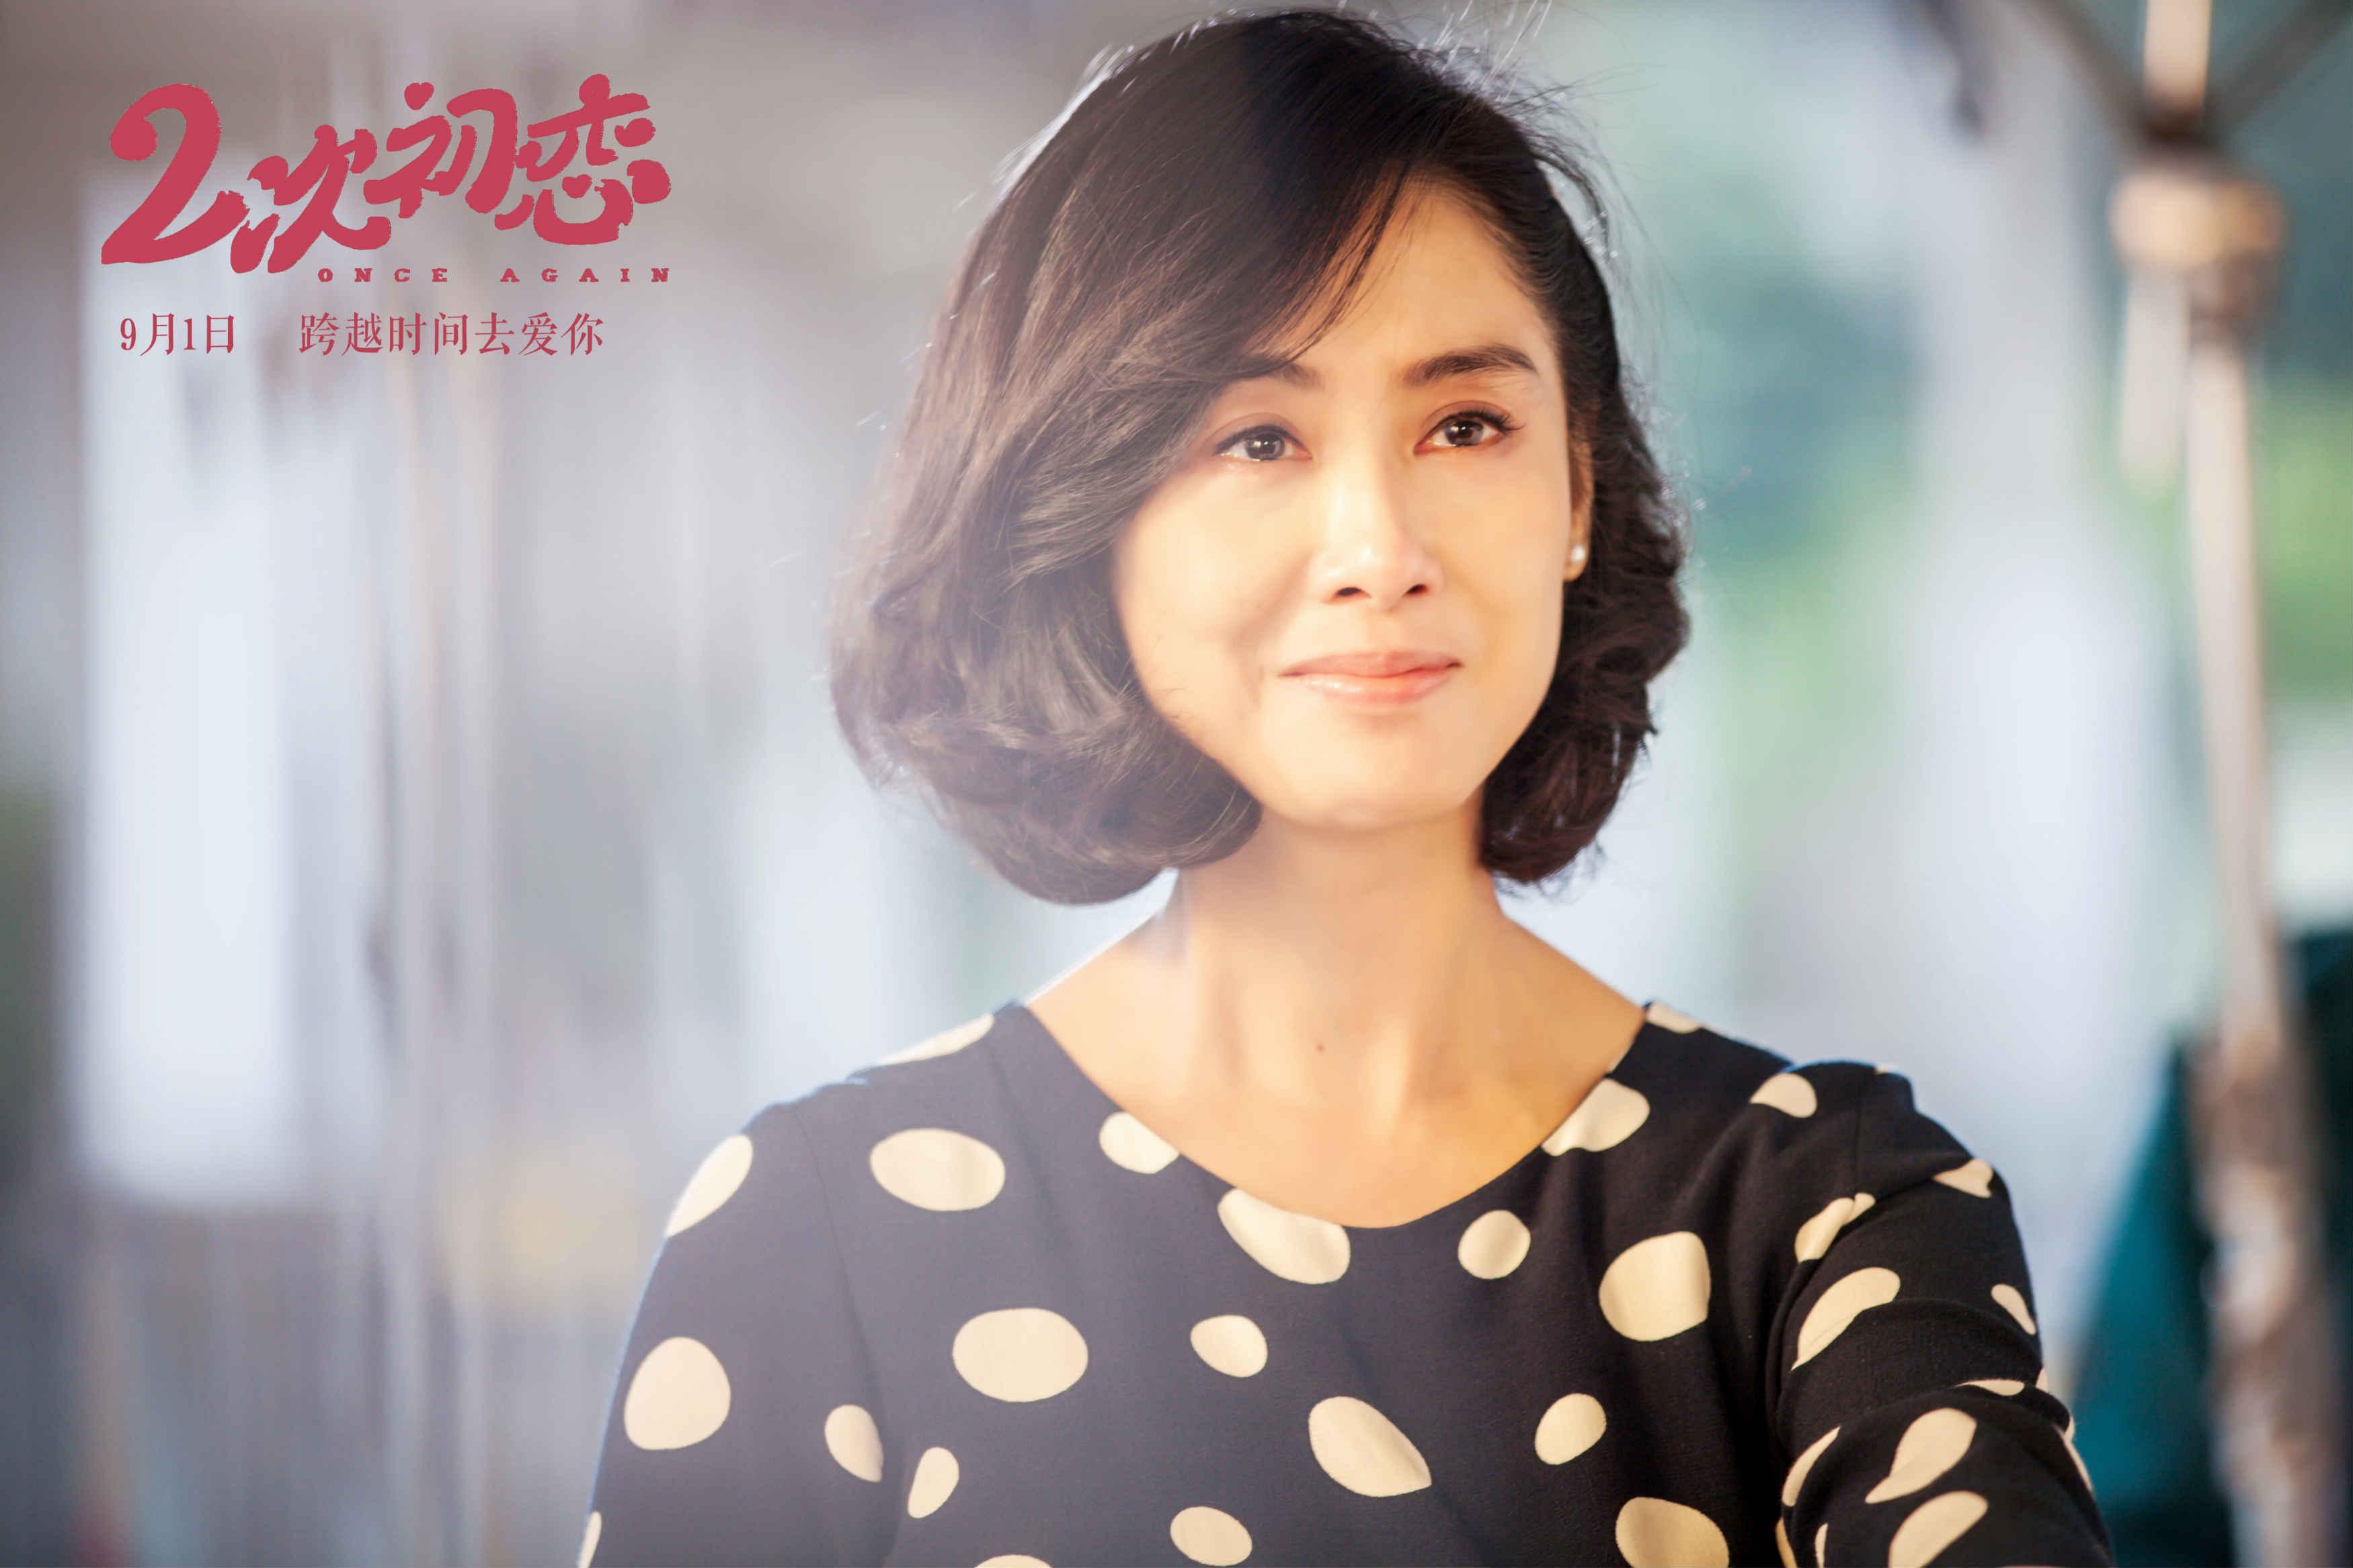 电影《二次初恋》七夕特别海报甜蜜上线!女神朱茵星空